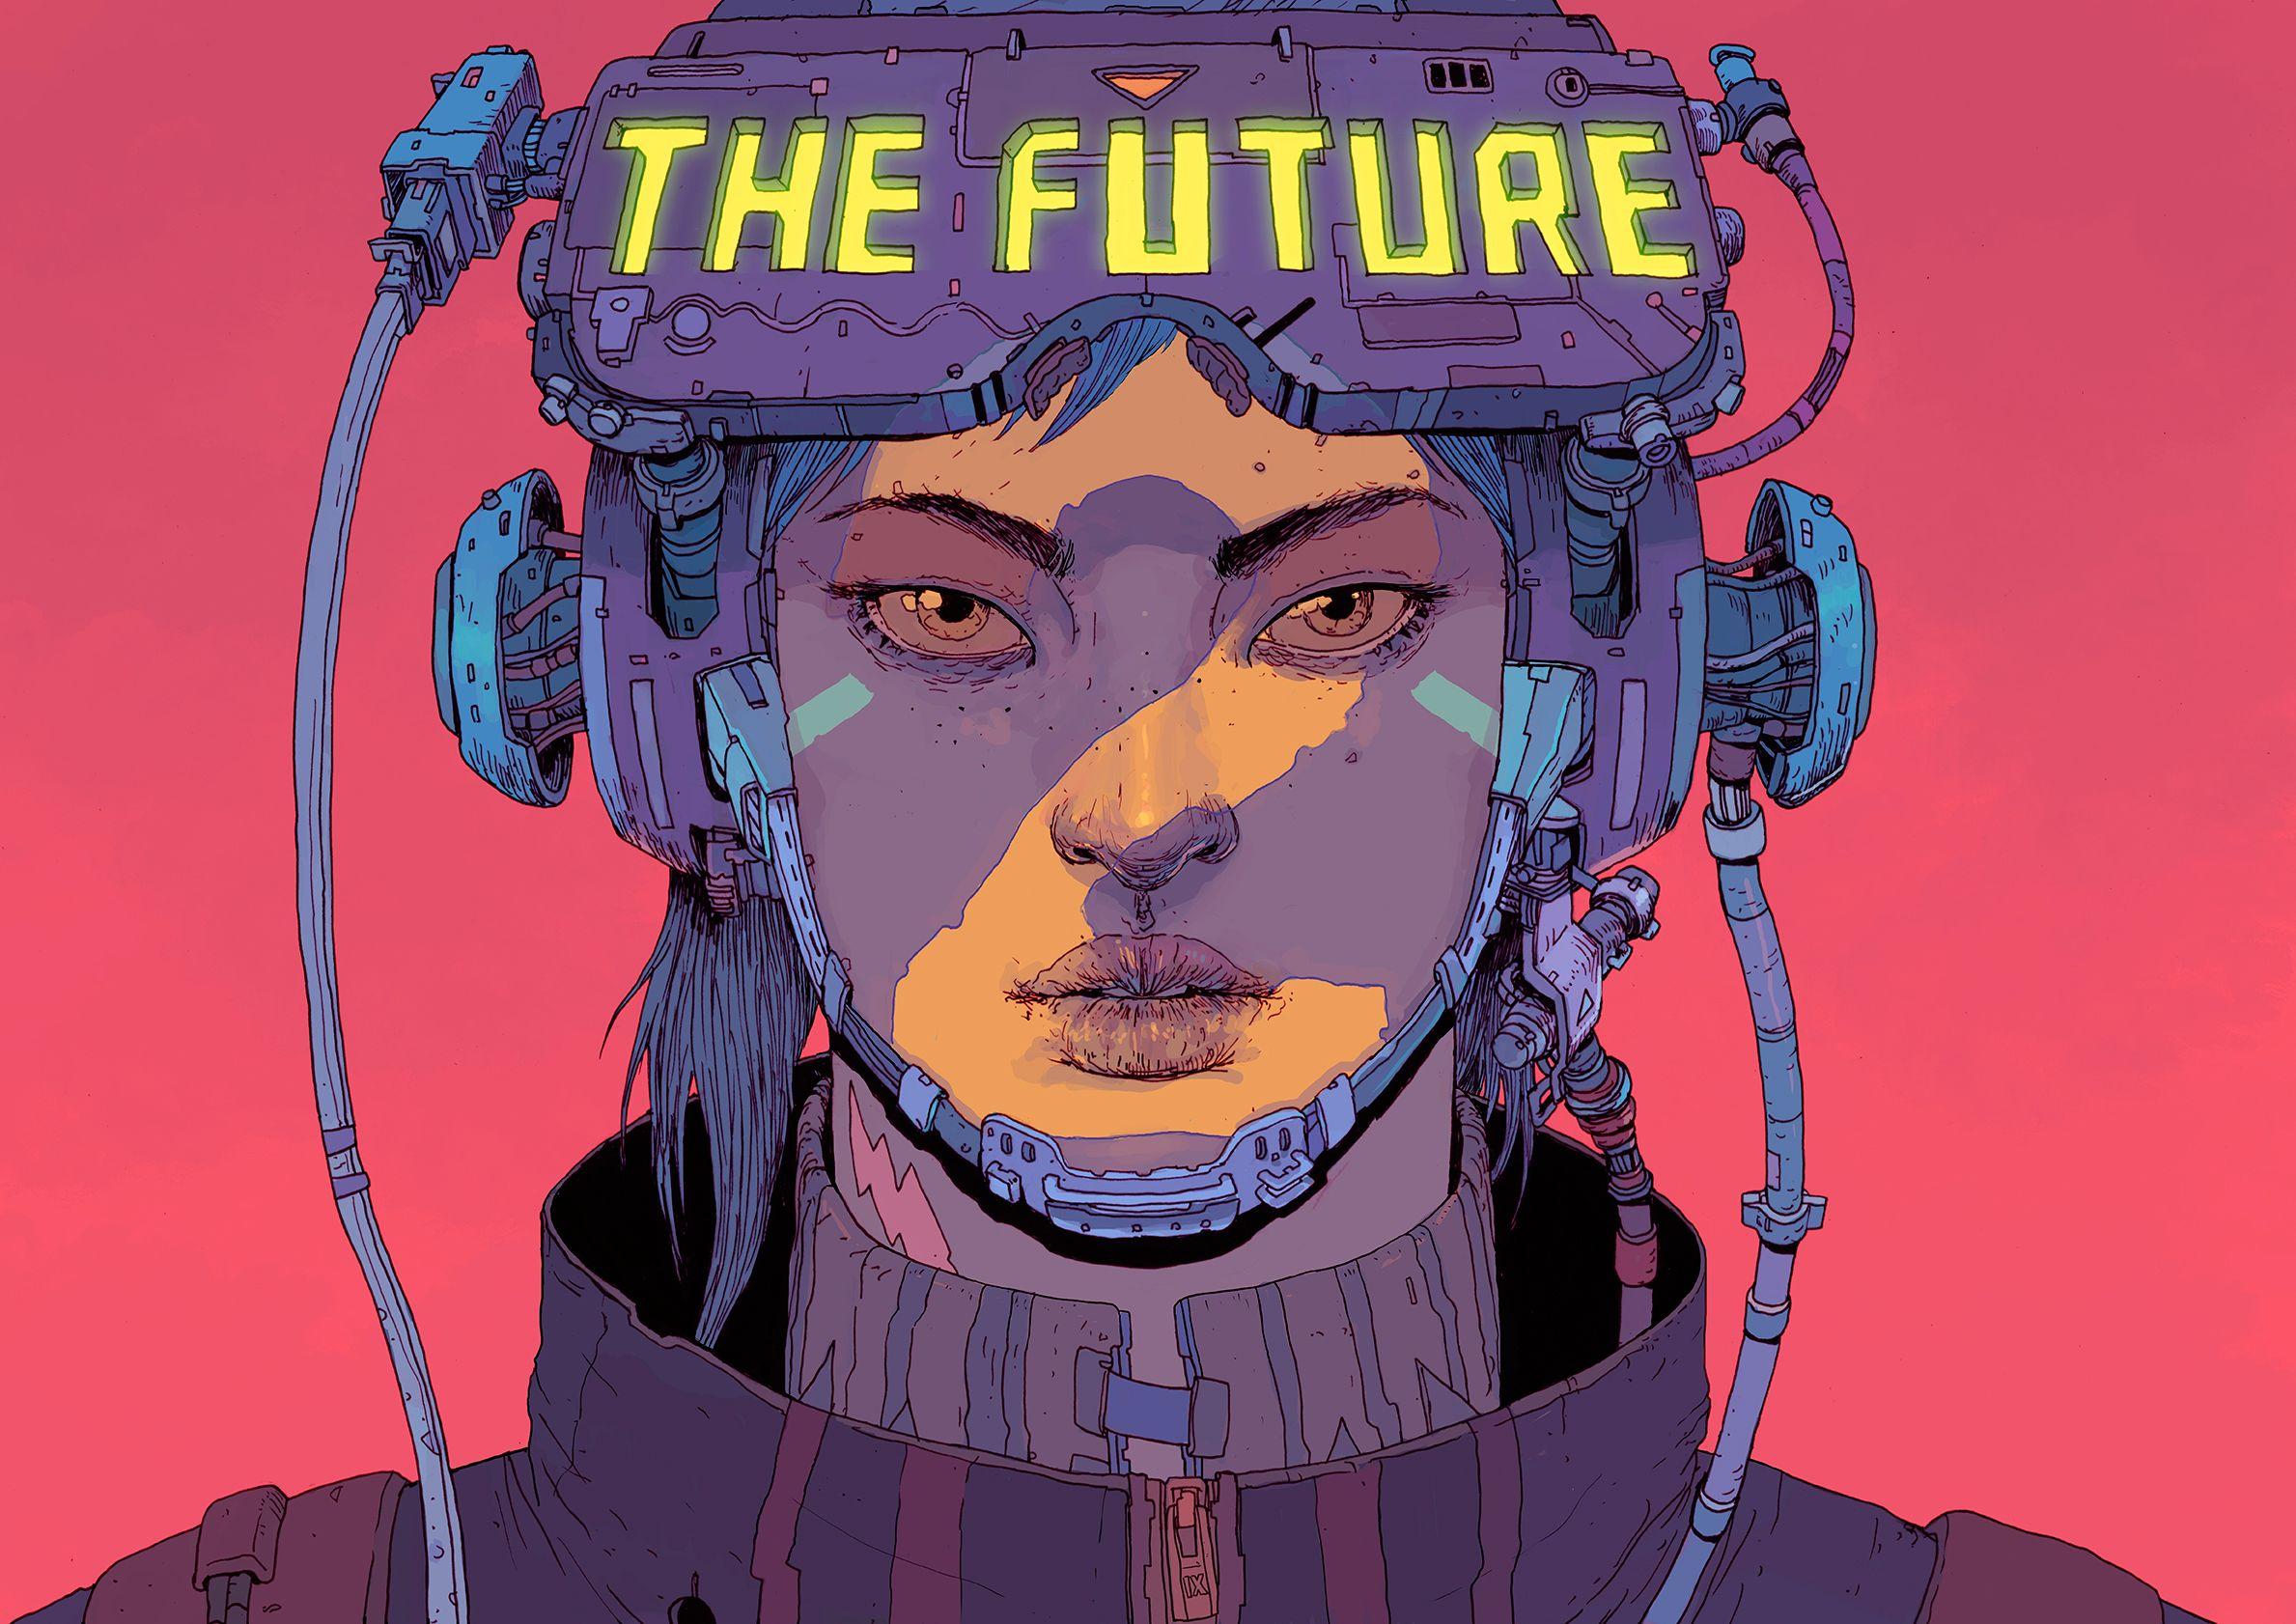 """Auf @Behance habe ich dieses Projekt gefunden: """"The Future is Now - Volume Two // Kickstarter!"""" https://www.behance.net/gallery/34904219/The-Future-is-Now-Volume-Two-Kickstarter"""